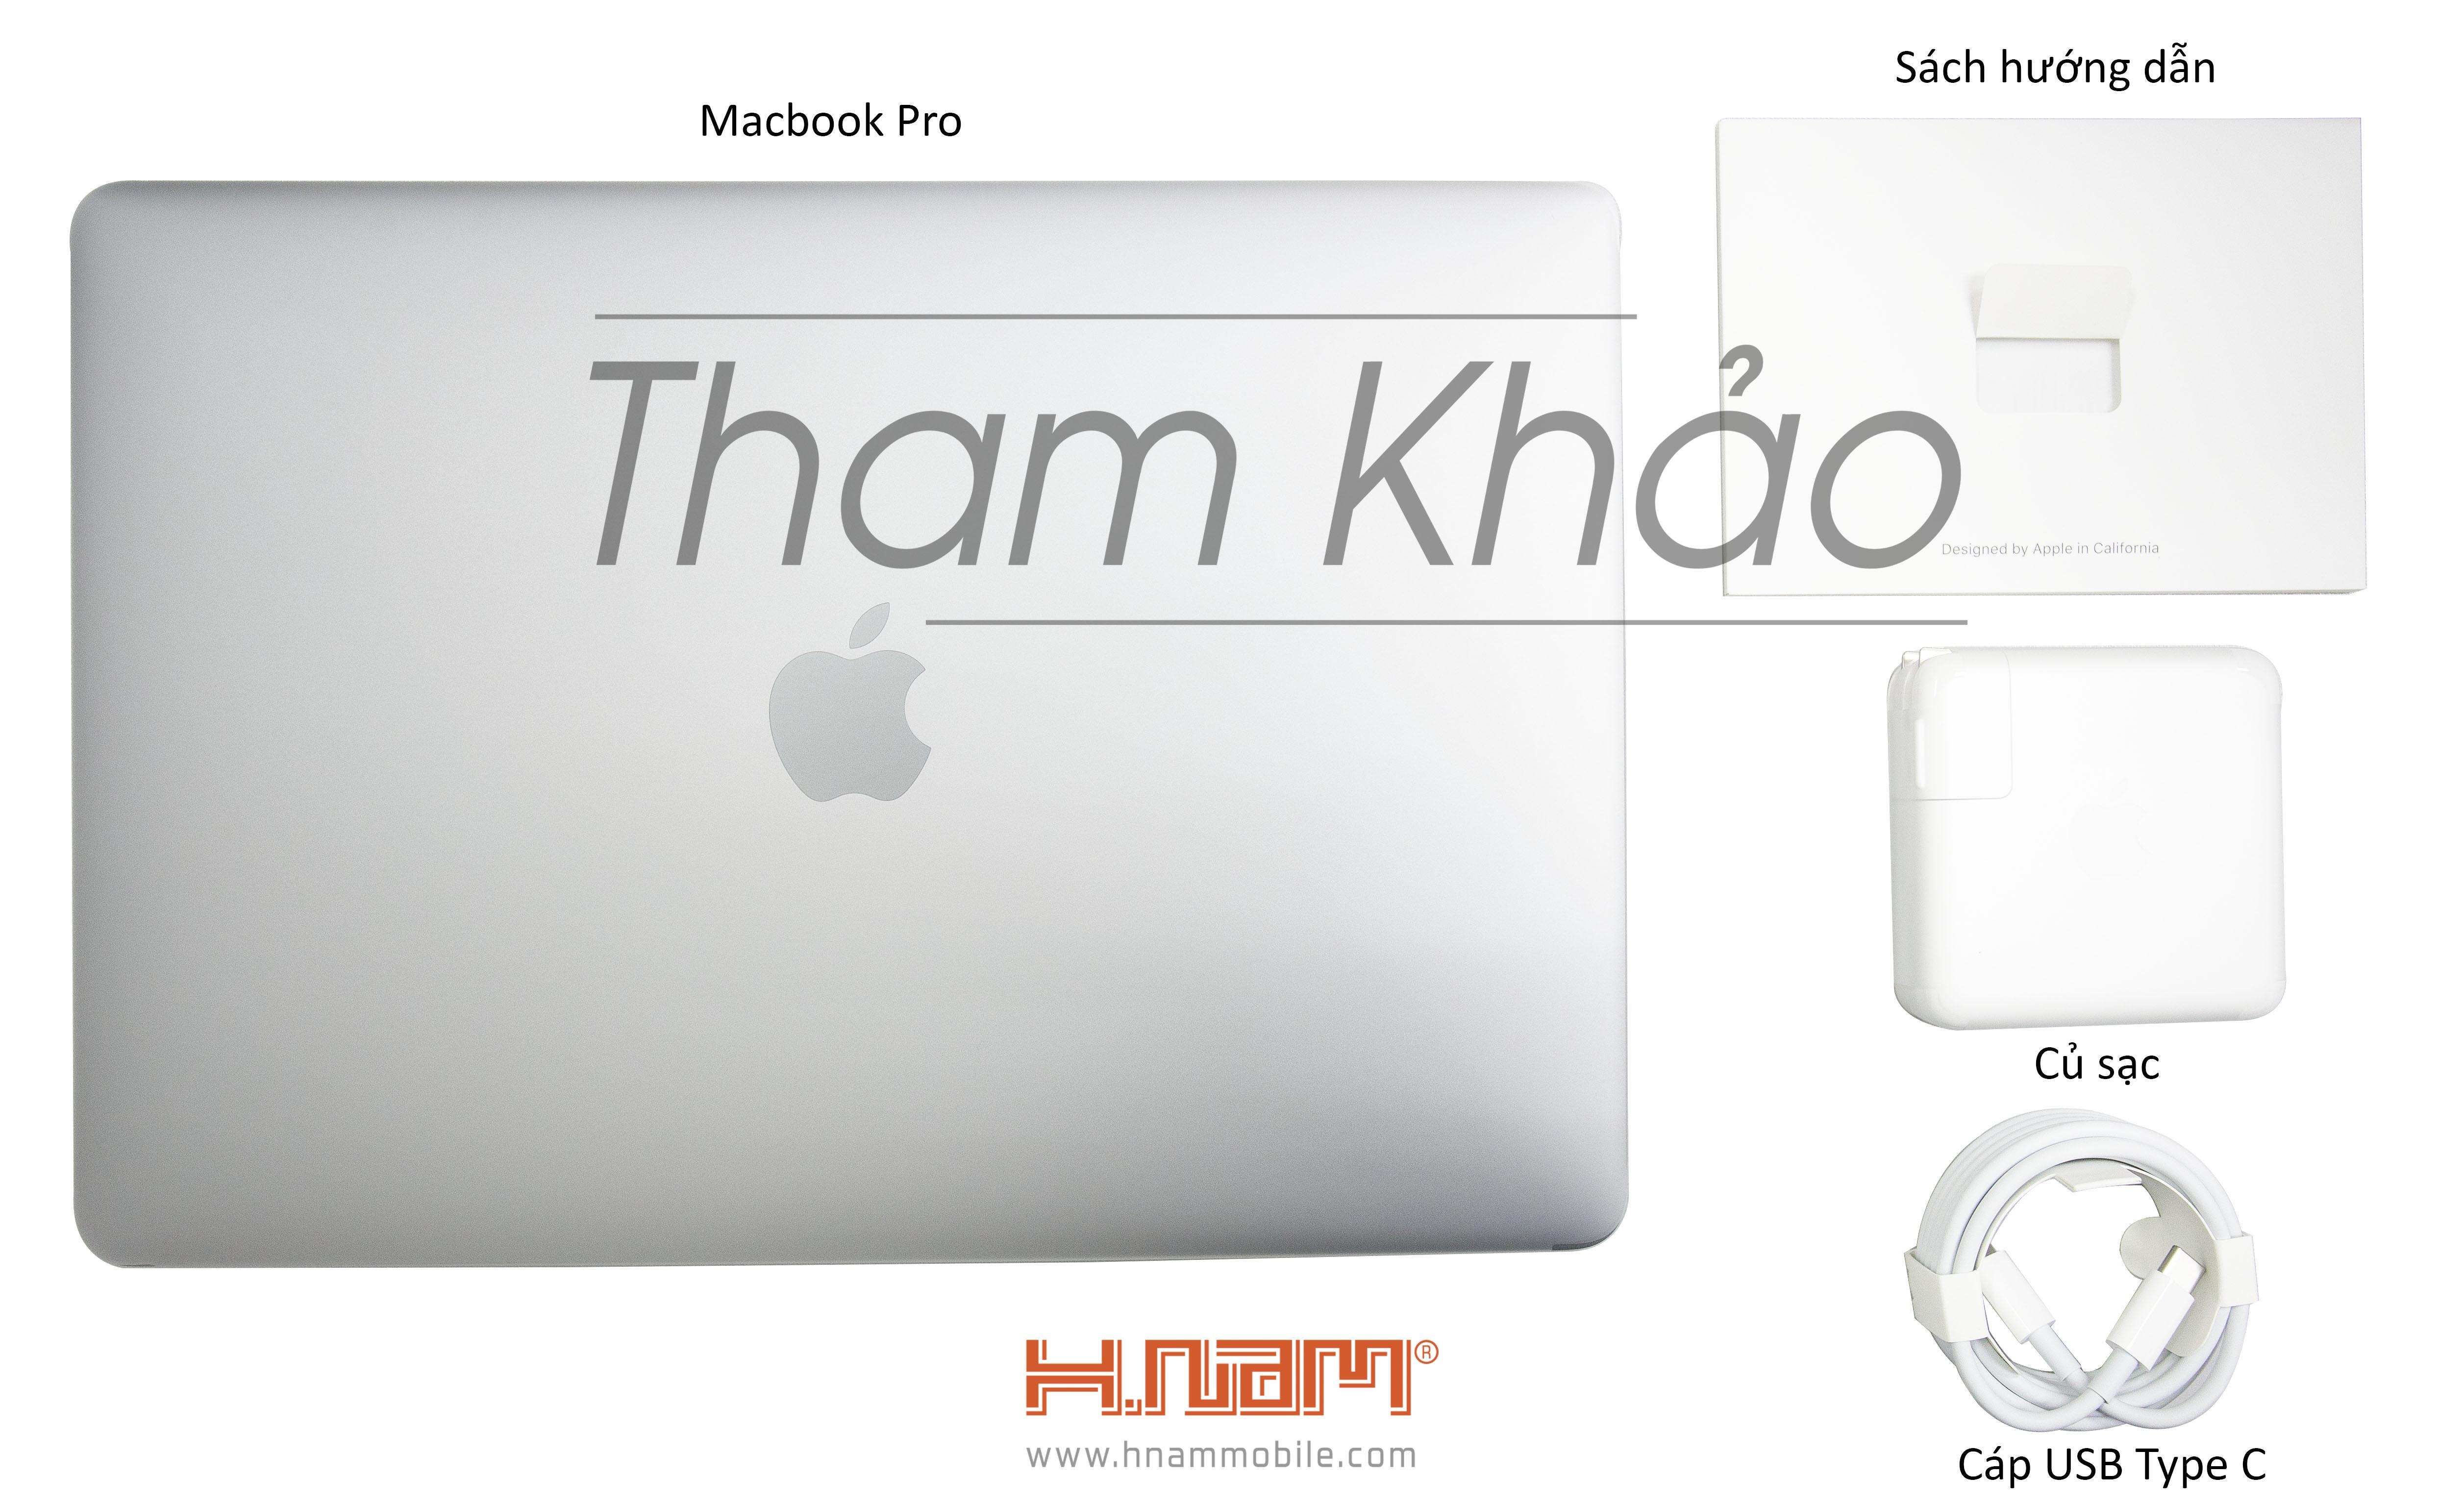 MacBook Pro 13 inch Touch Bar 2019 MUHP2 256GB Gray hình sản phẩm 0